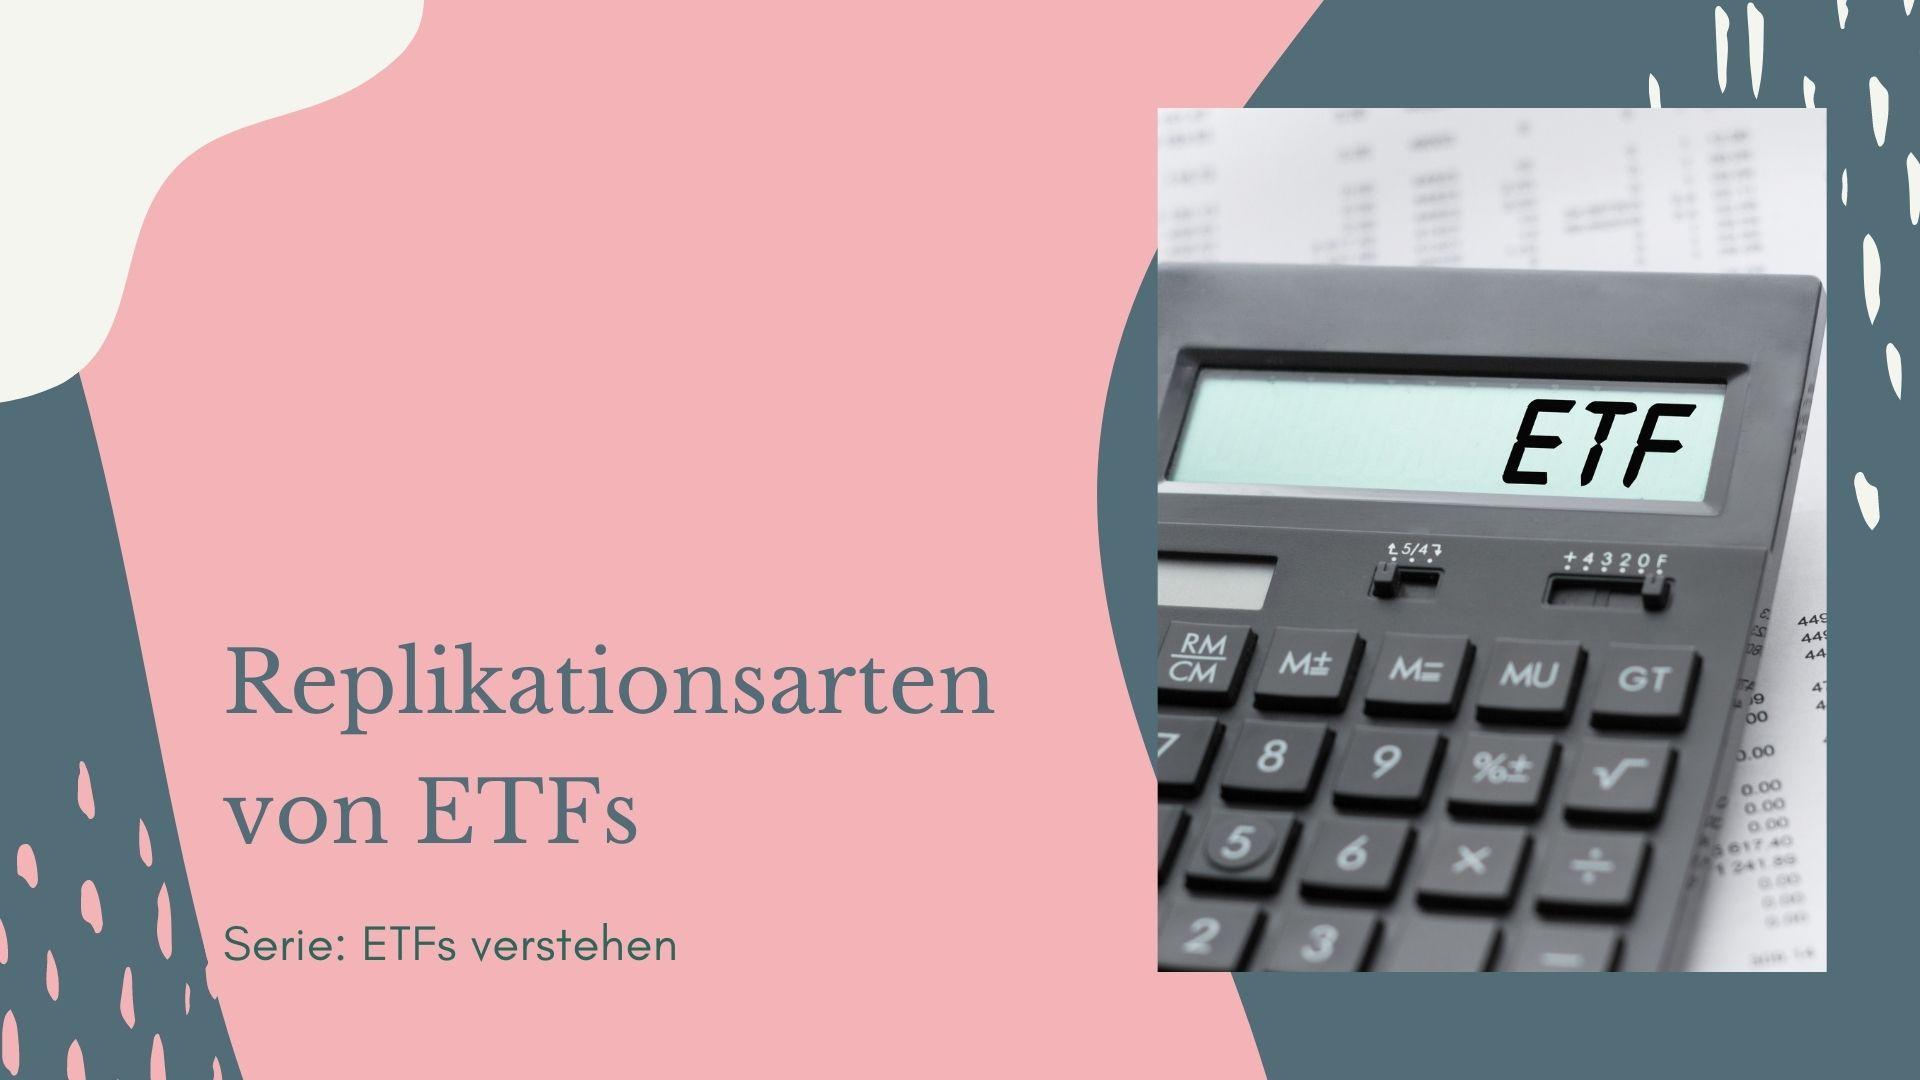 Die Replikationsarten von ETFs